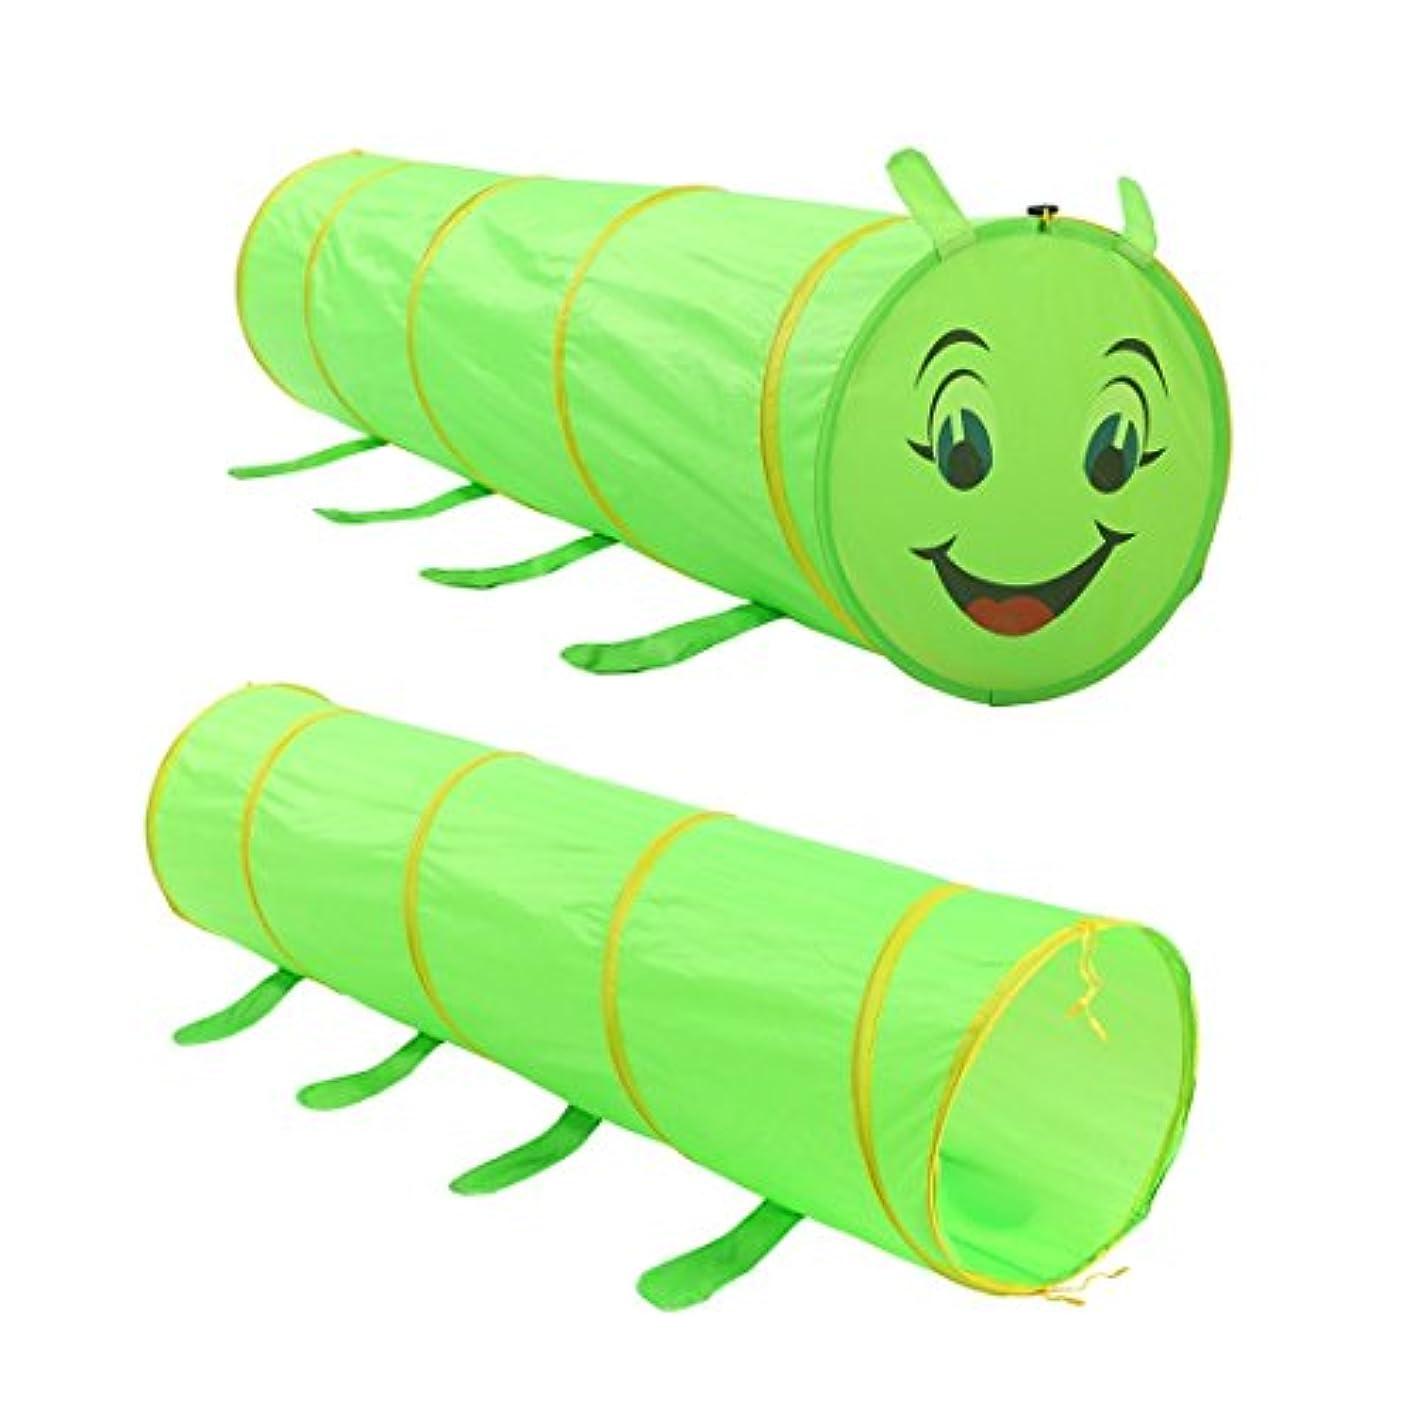 半径夫婦今後方朝日スポーツ用品店 子供のテント キャタピラ トンネル ベビー漫画 クロールゲーム おもちゃ 家 オーシャンウェーブ ボールプールテント (色 : Caterpillar)